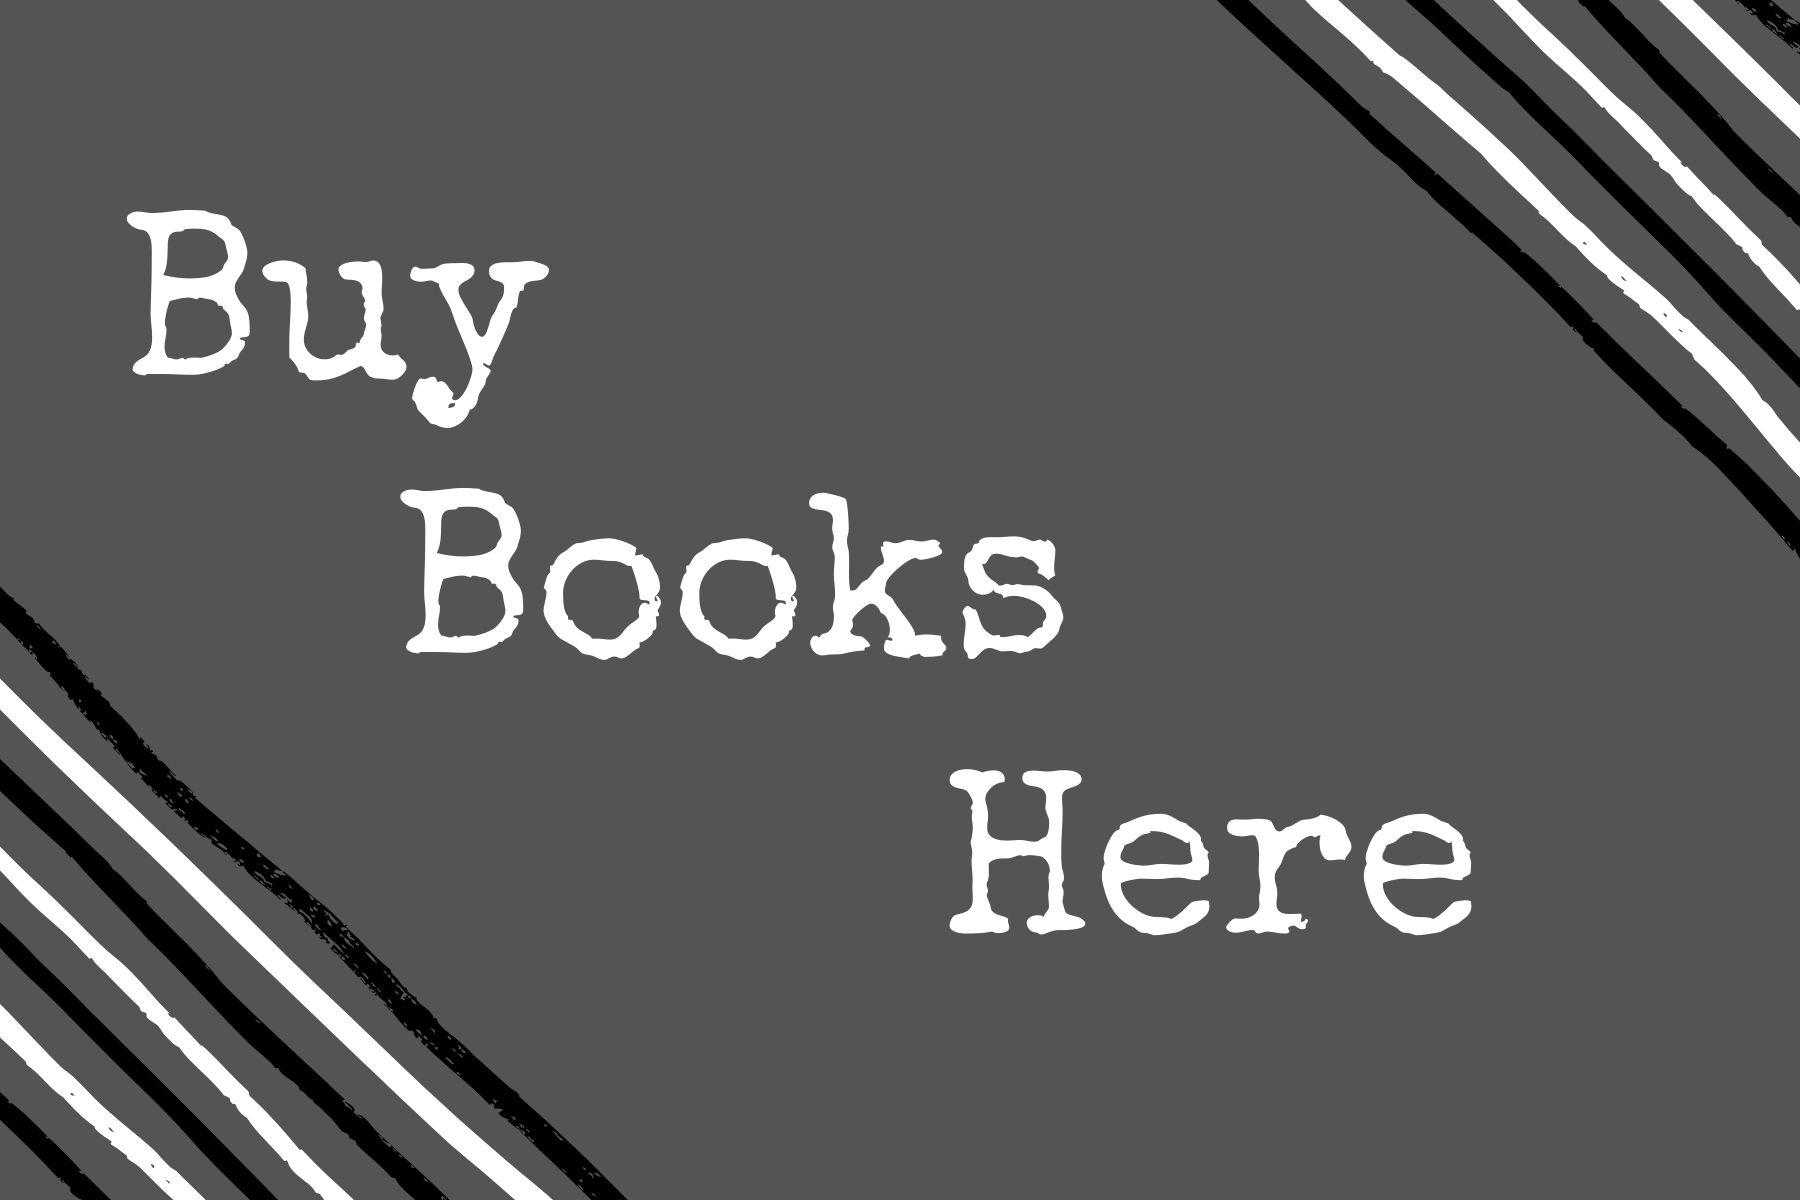 Buy Books Here